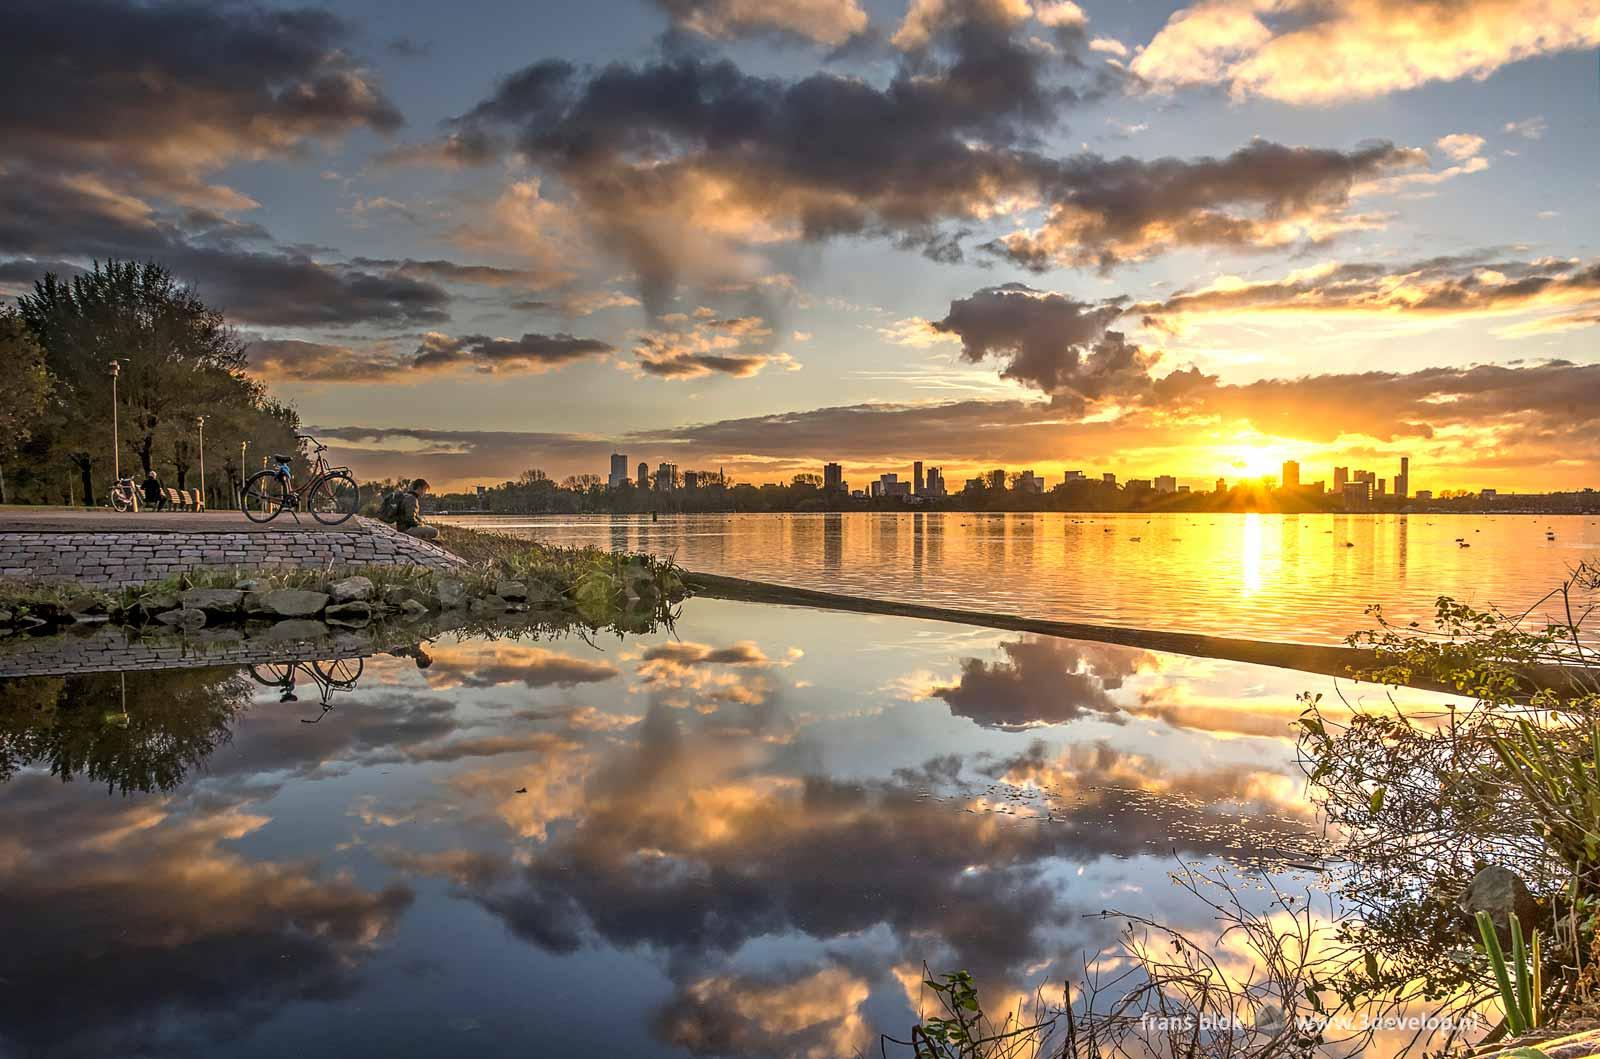 Sunset above the Rotterdam skyline seen from the banks of Lake Kralingen near Minangkabau House